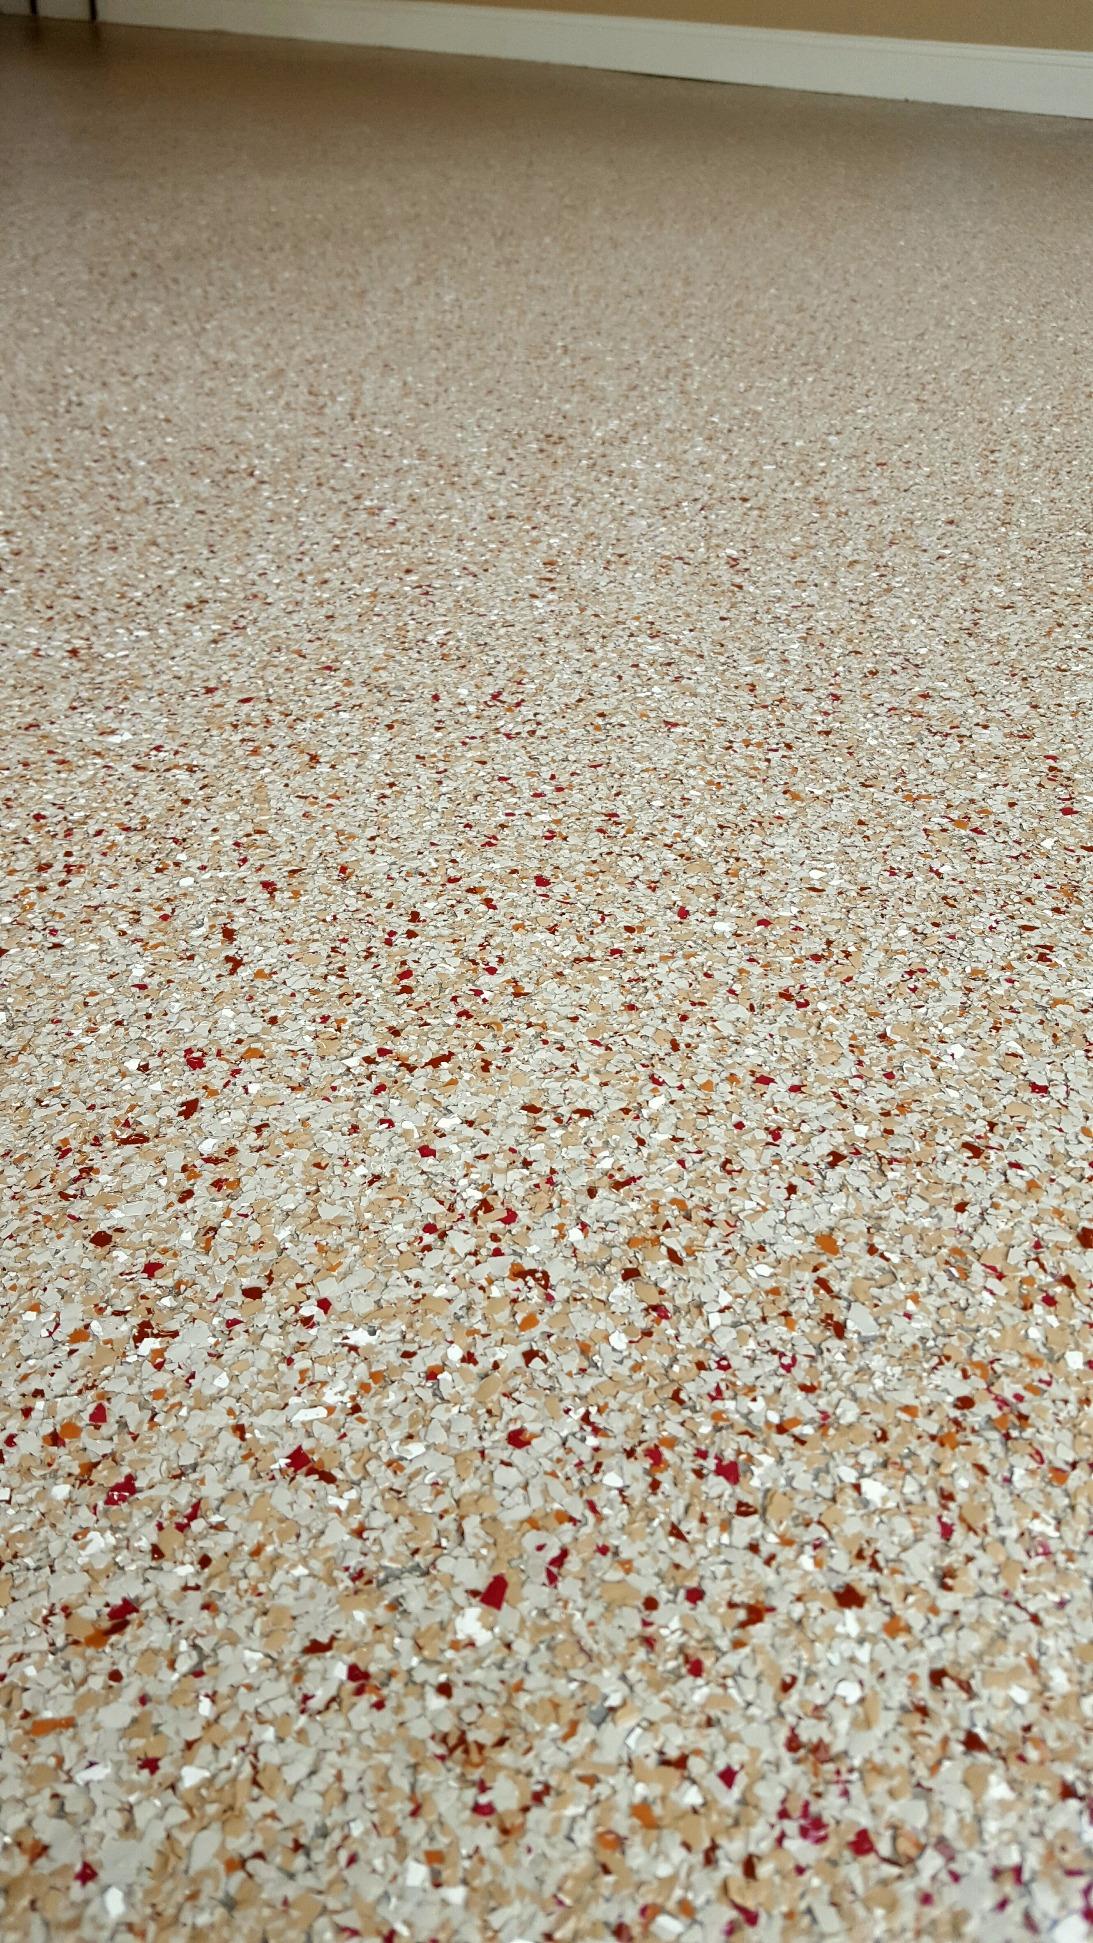 Southeast Concrete Solutions, LLC image 58